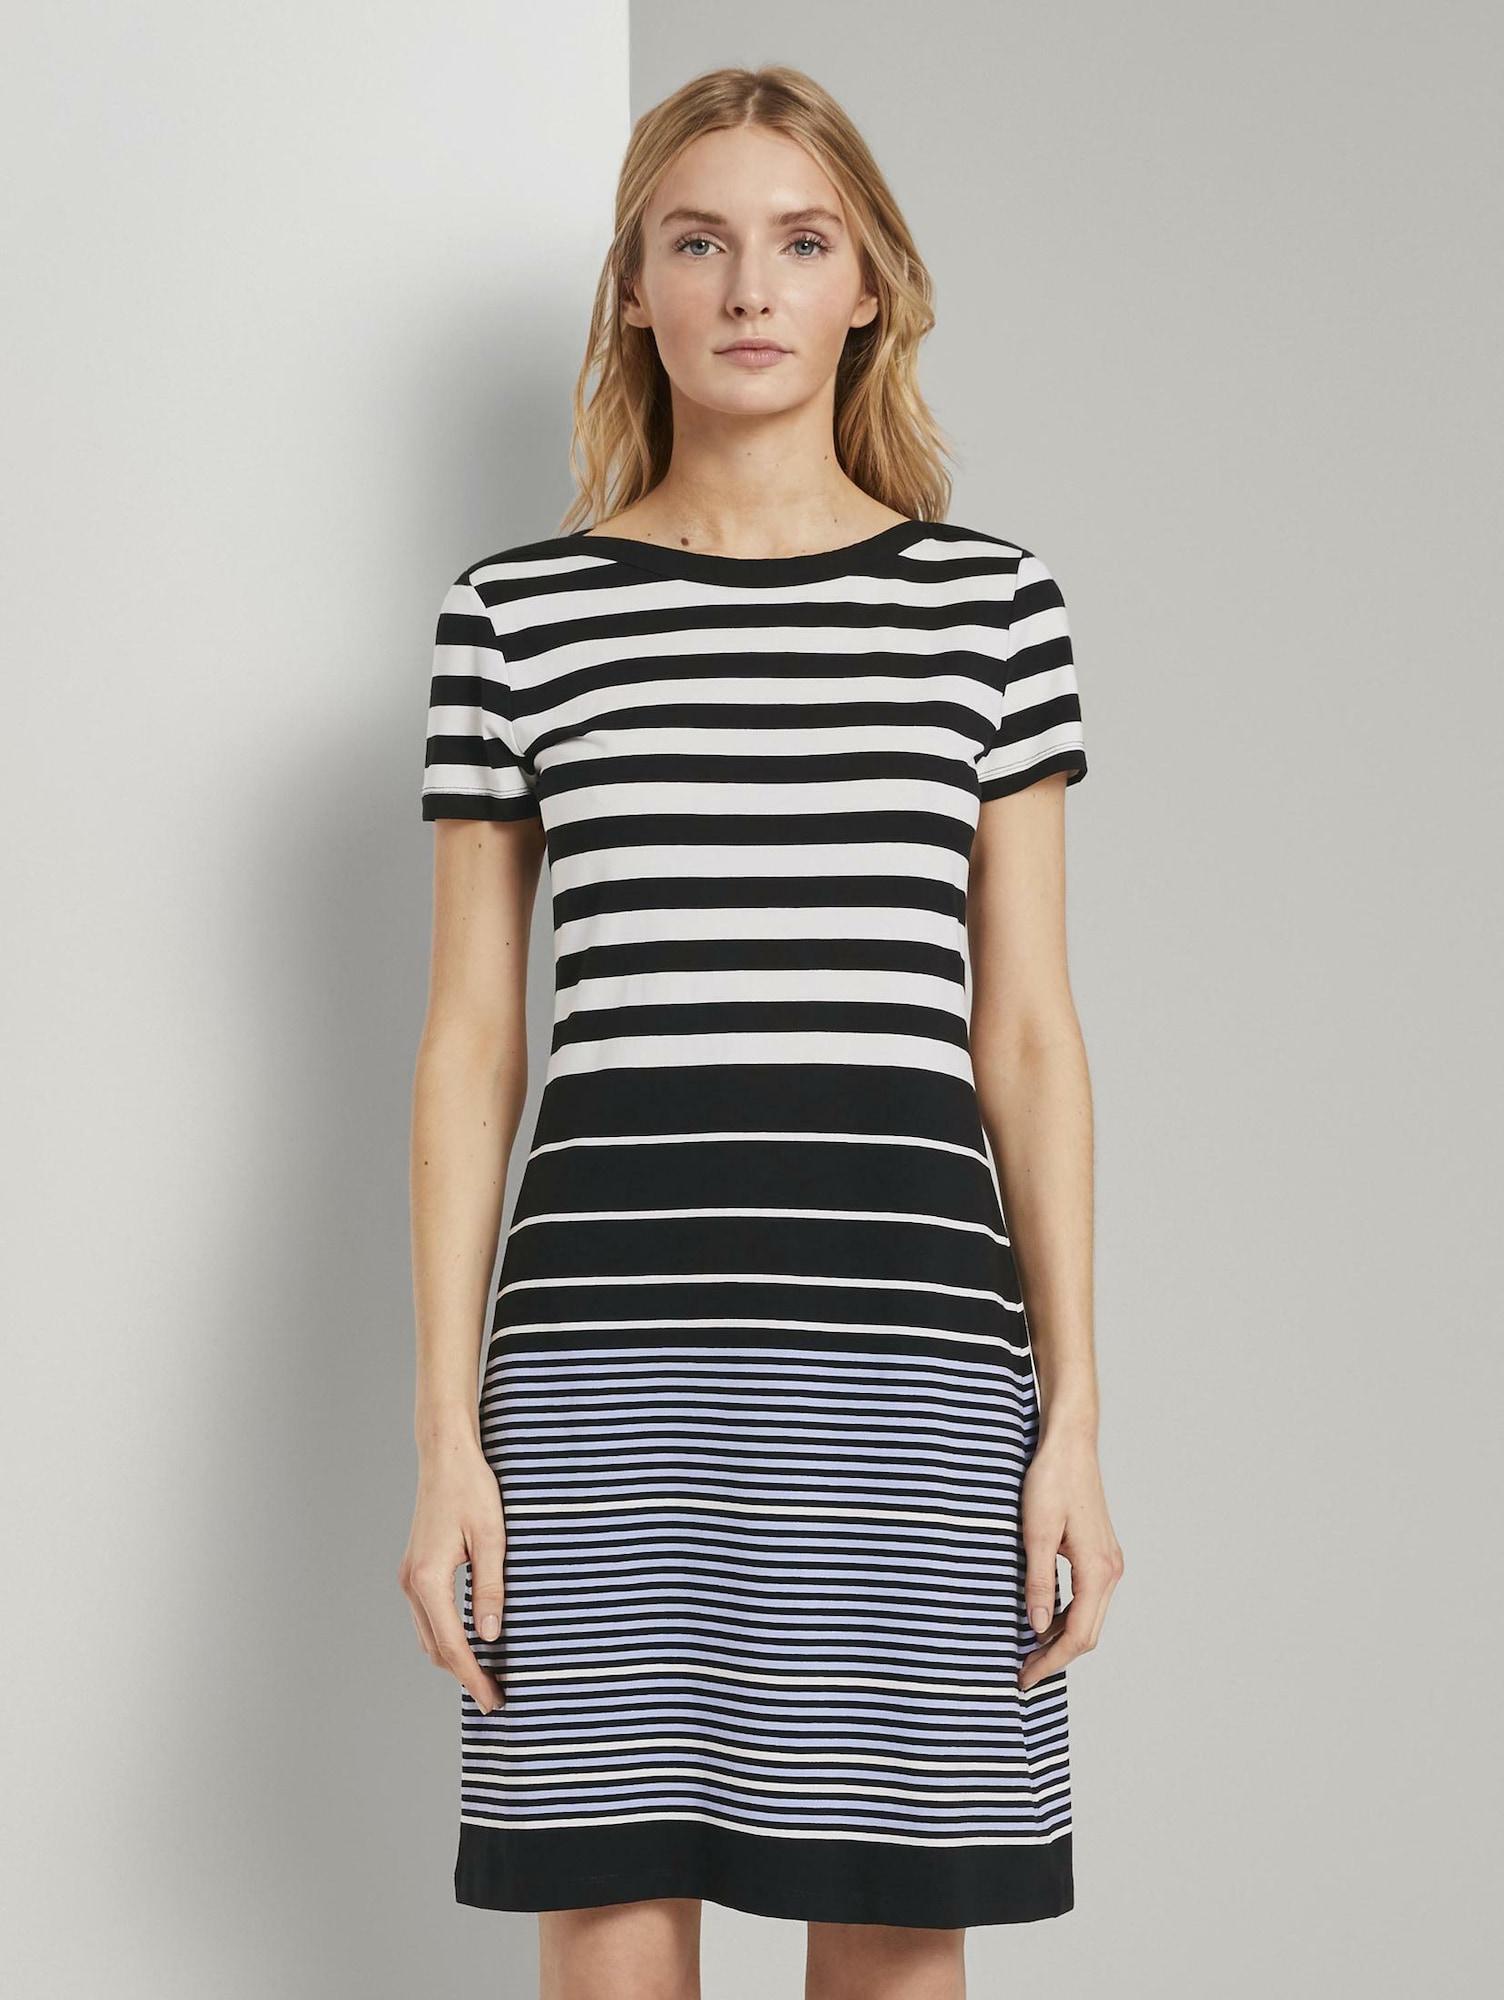 tom tailor - Jerseykleid mit Streifenmuster